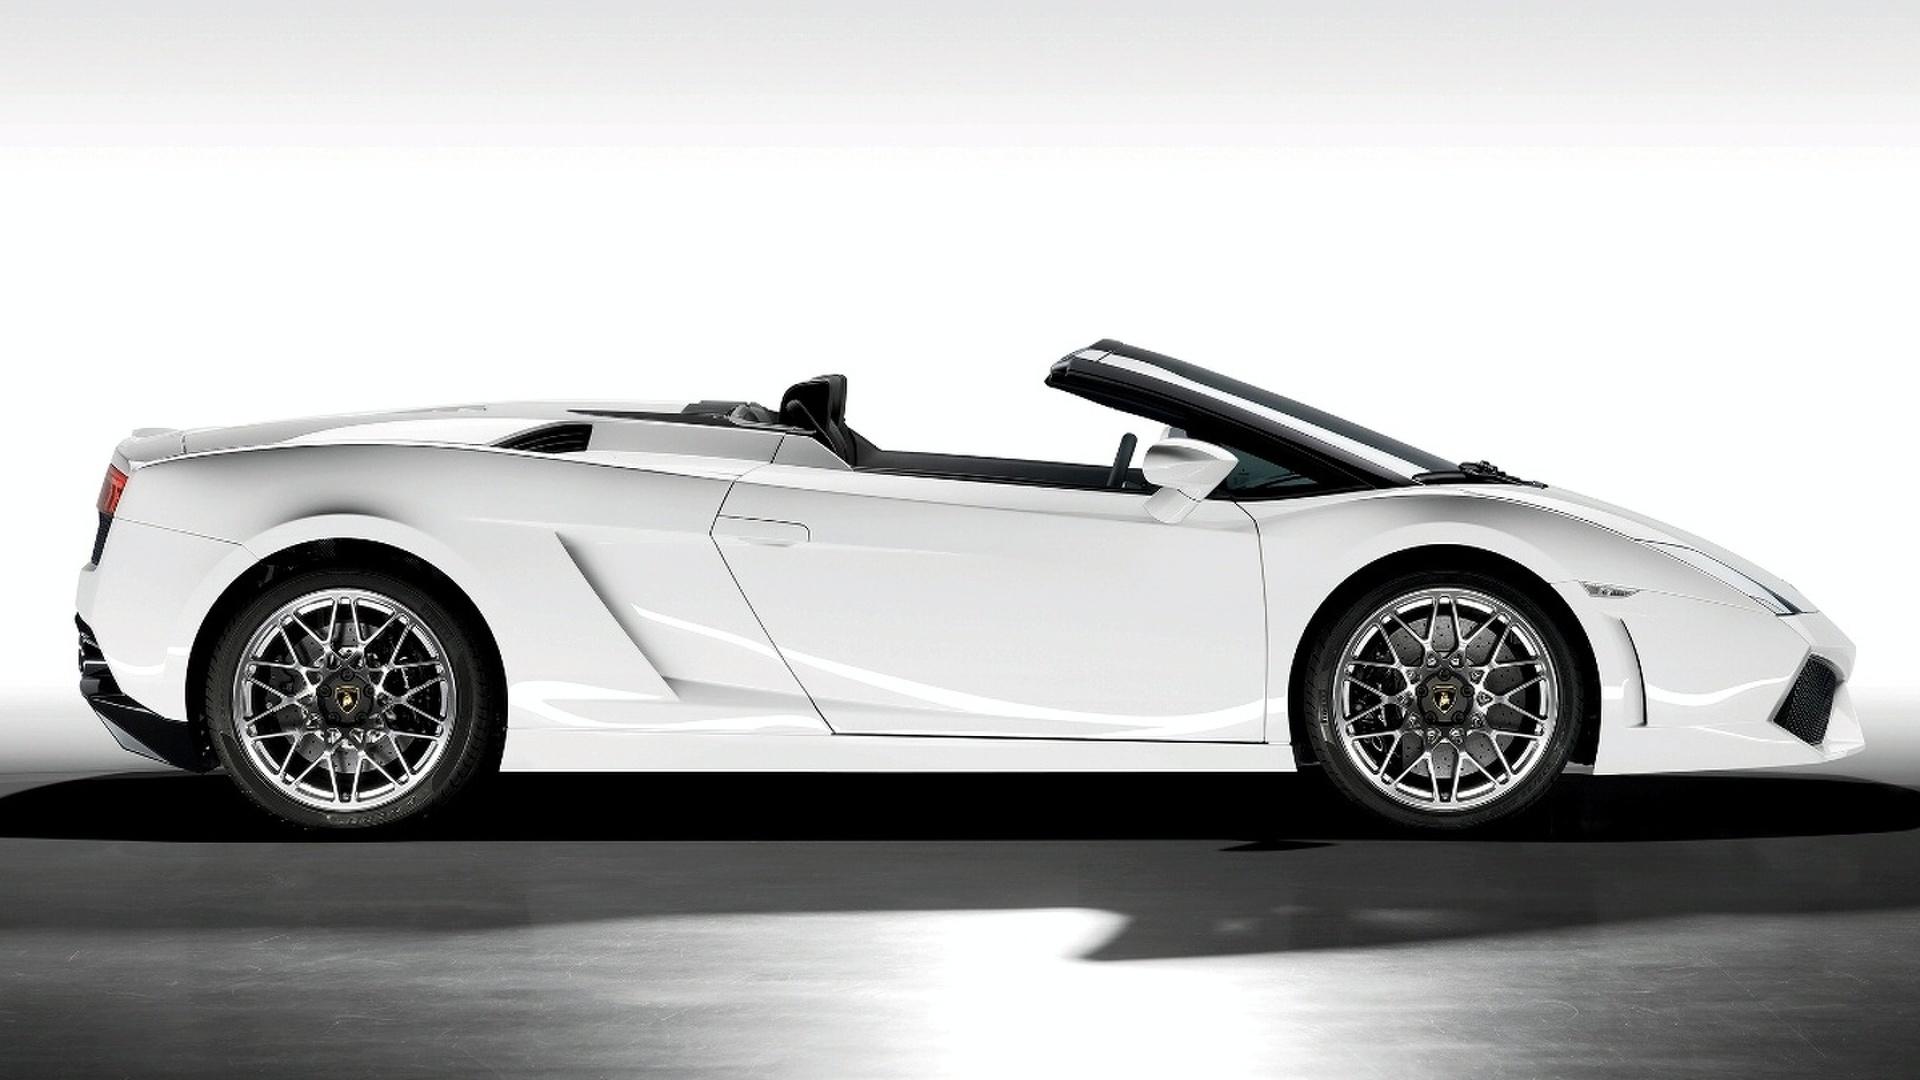 Lamborghini Gallardo Lp560 4 Spyder Pricing To Start At 273k